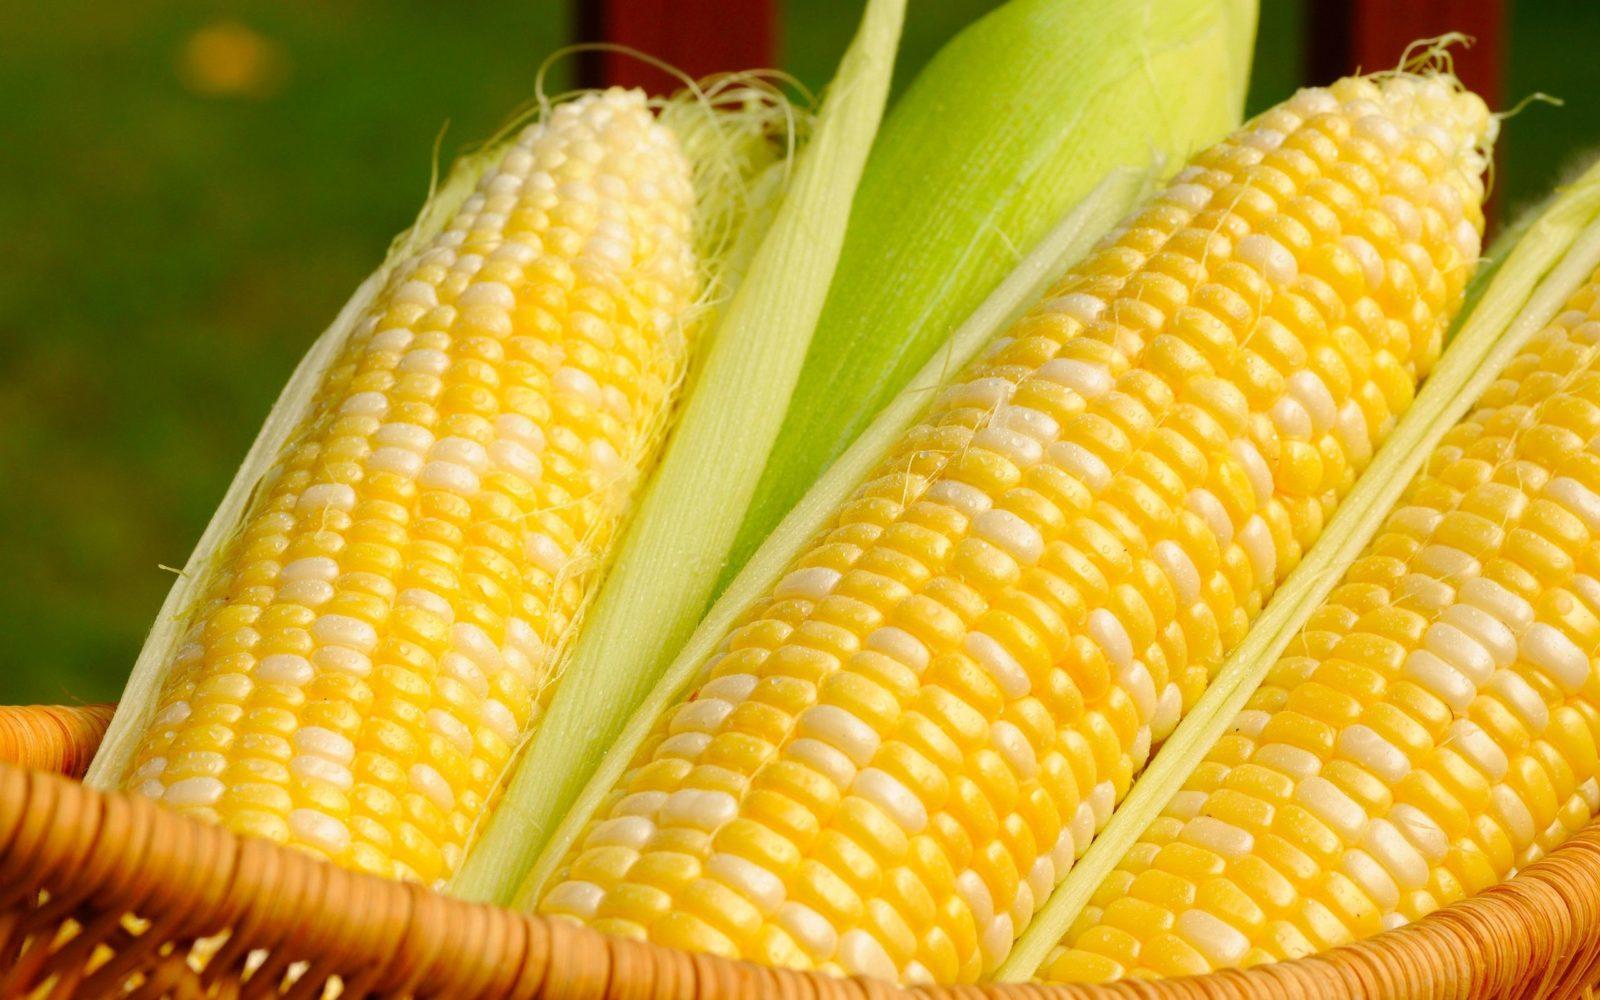 corn_slider-1-e1581509153373.jpg